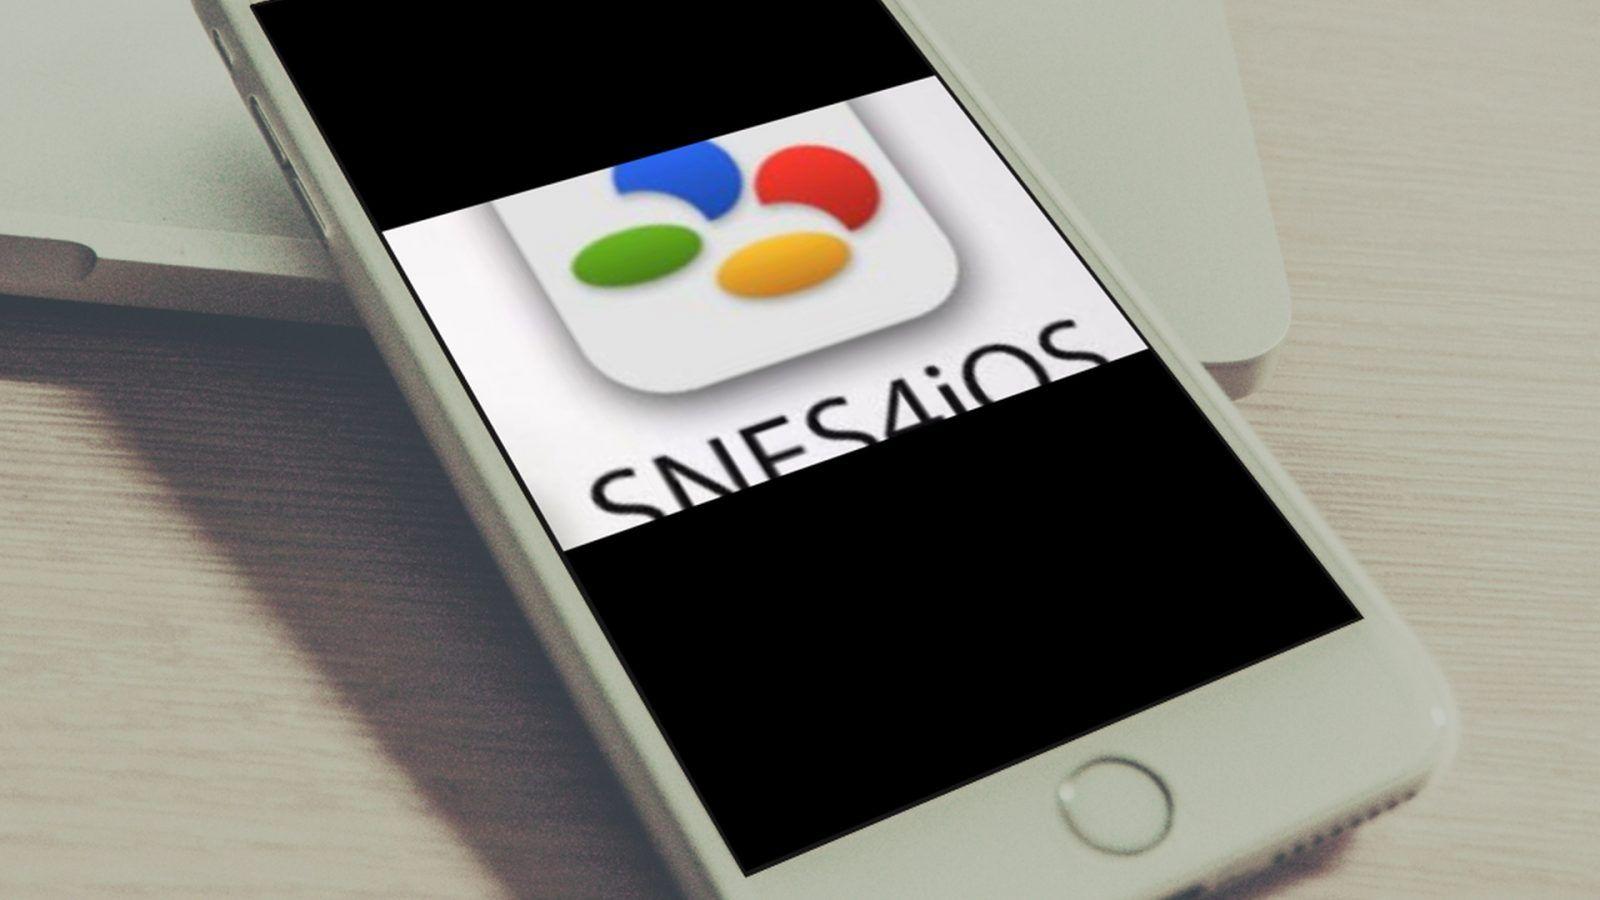 Jak zainstalować aplikację SNES4iOS na iOS 10 bez Jailbreak?